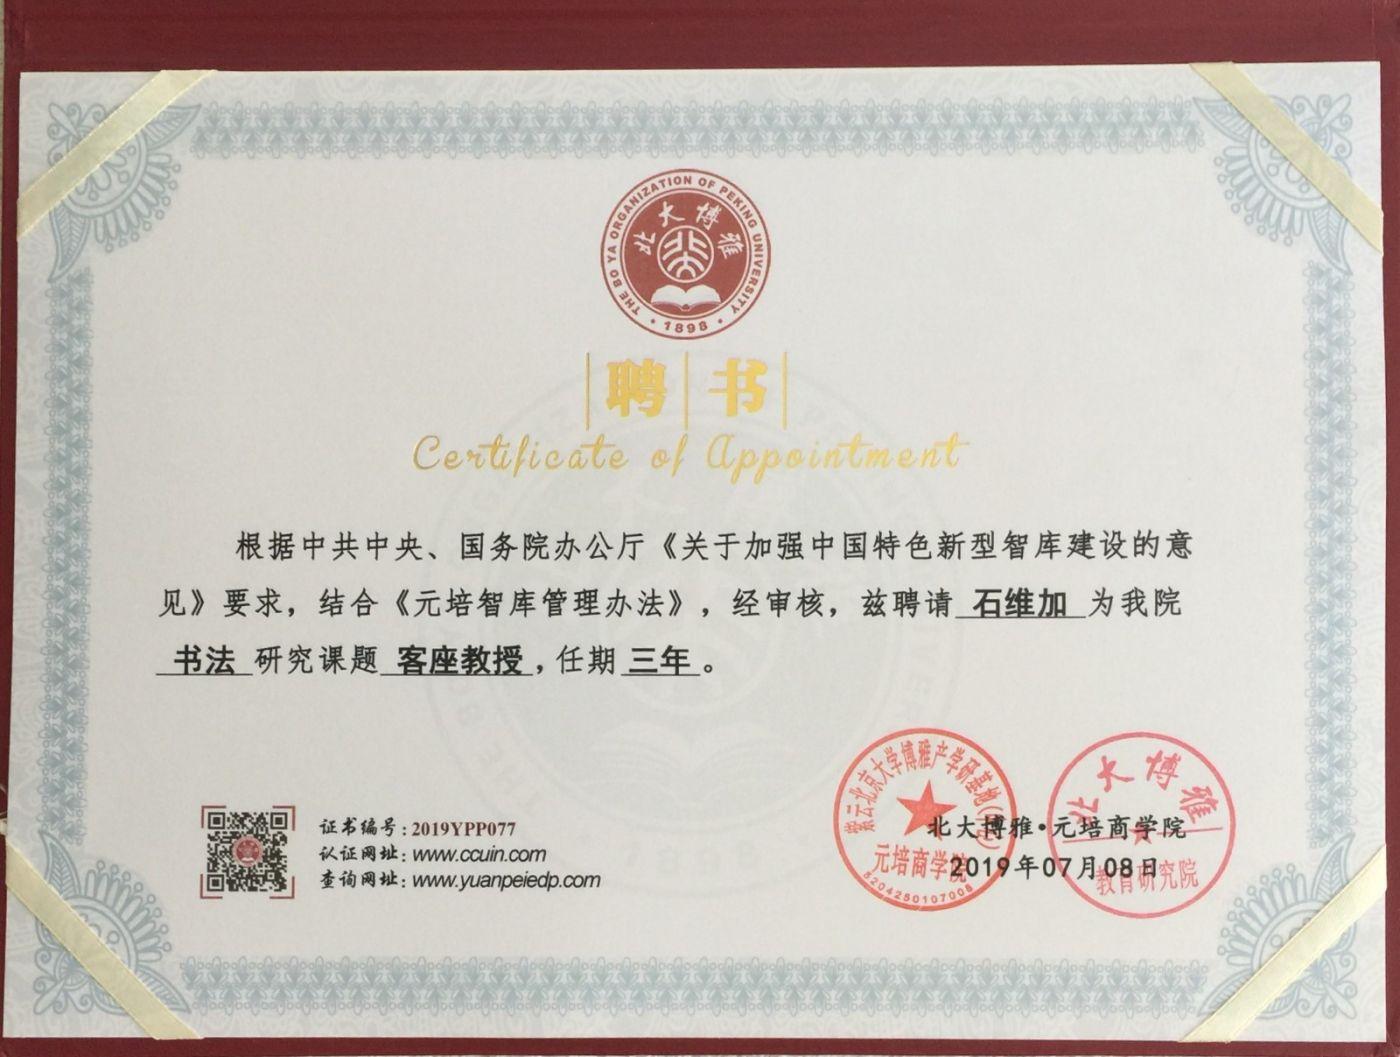 艺术家石维加先生被北京大学博雅学院聘为客座教授_图1-1